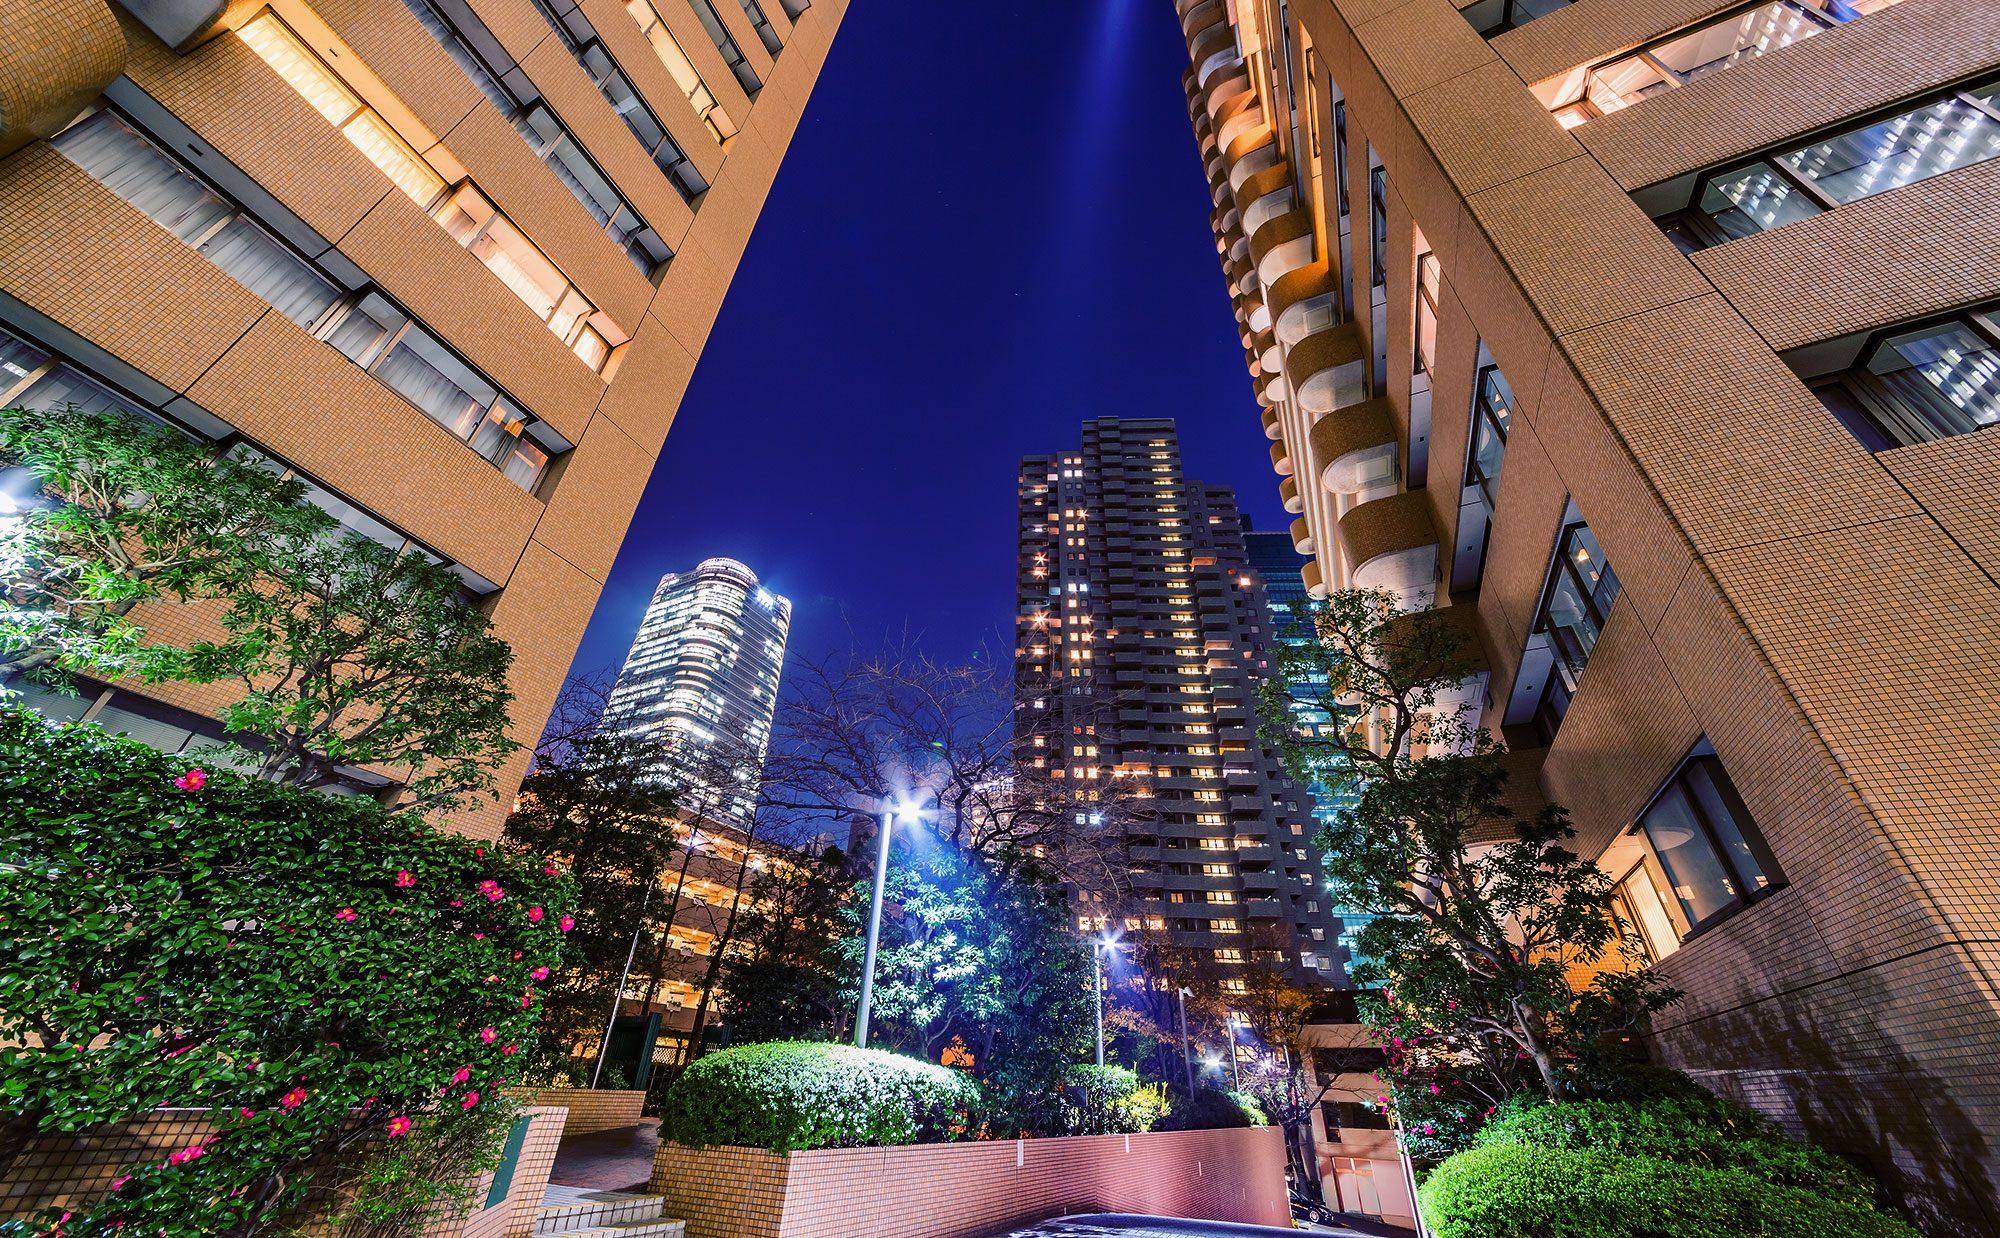 東京・大阪のベスト夜景10選を紹介! 夜景が楽しめる優雅なライフスタイル